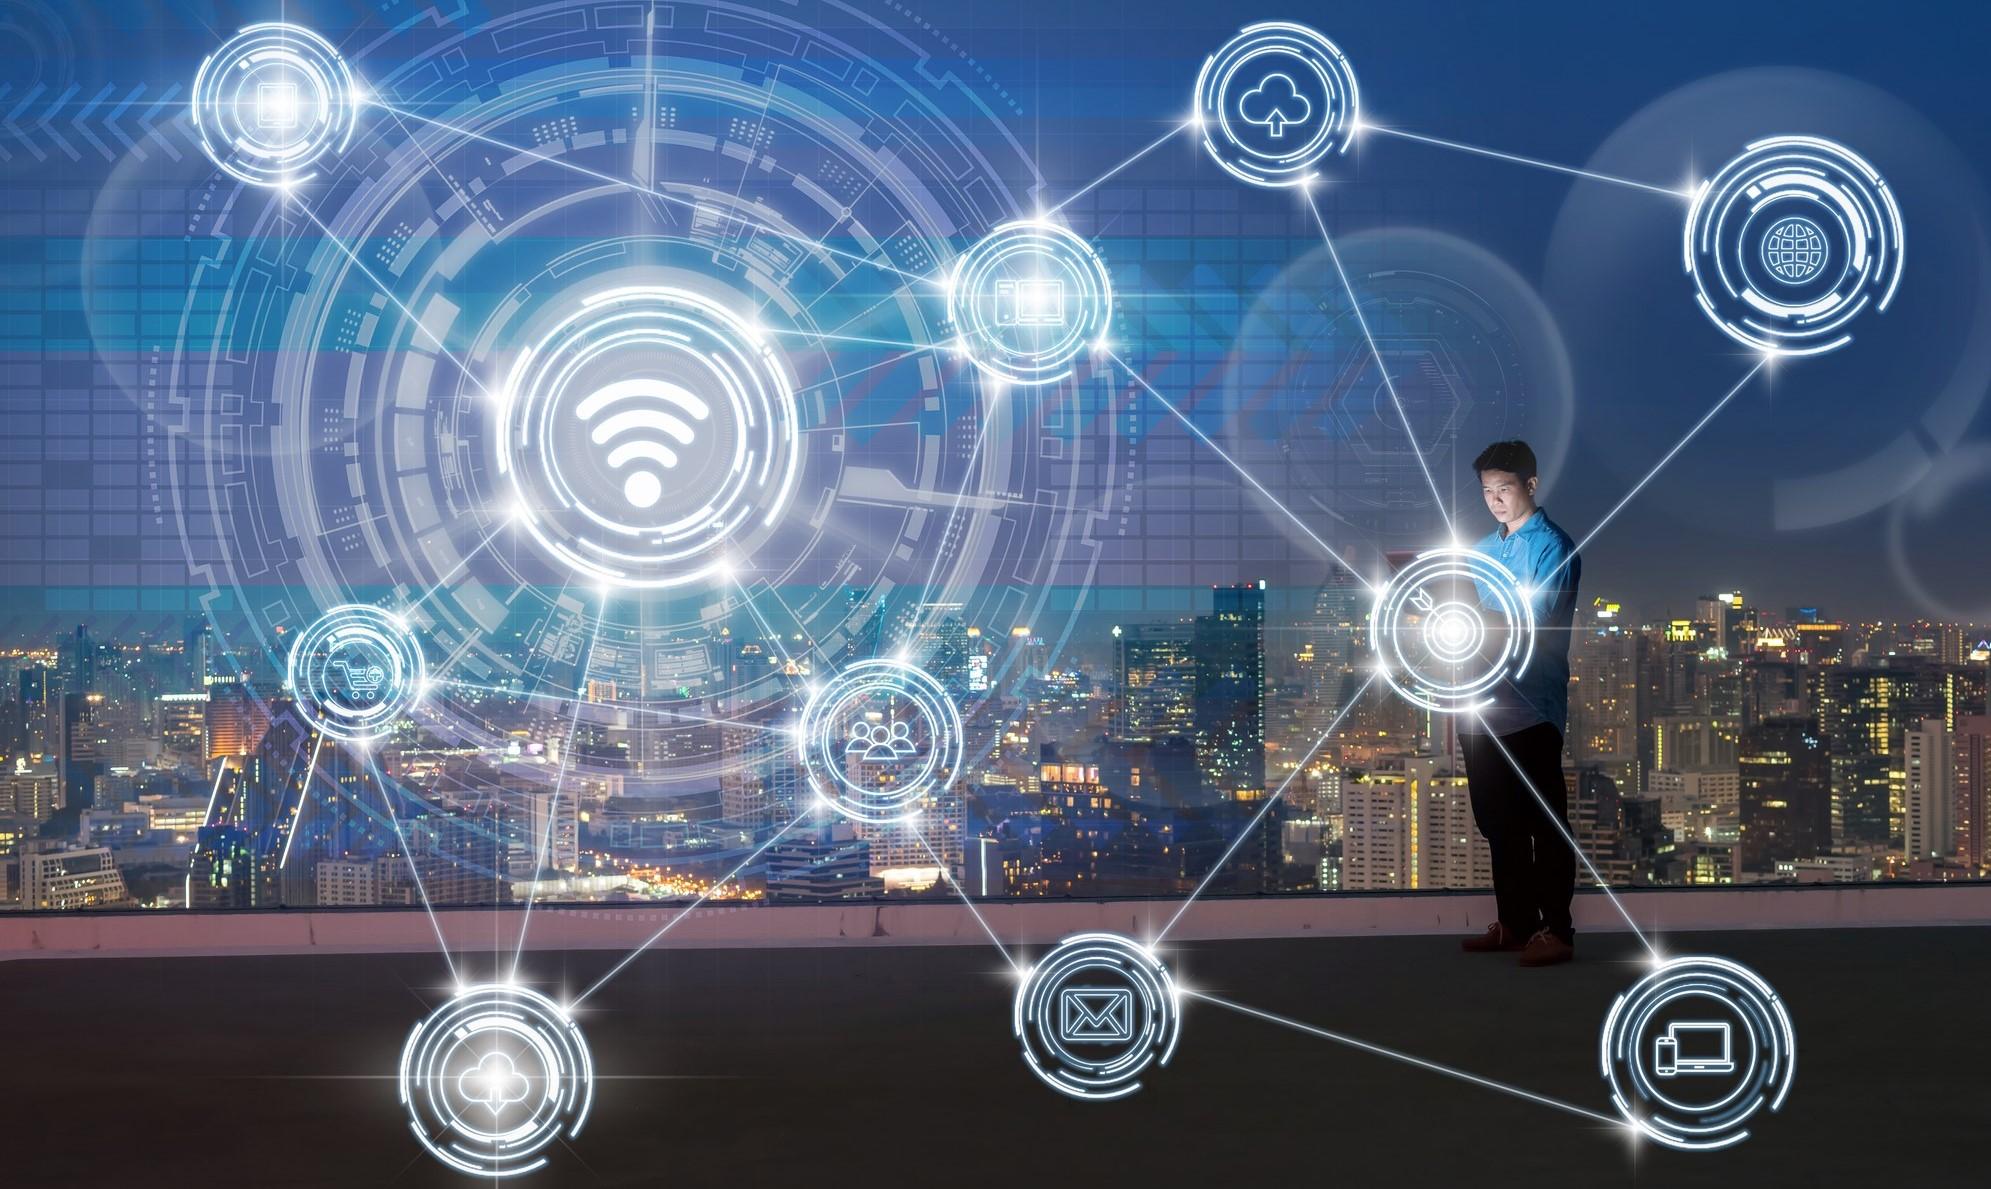 Conozca más sobre las APIs, la nueva forma para avanzar en los negocios digitales